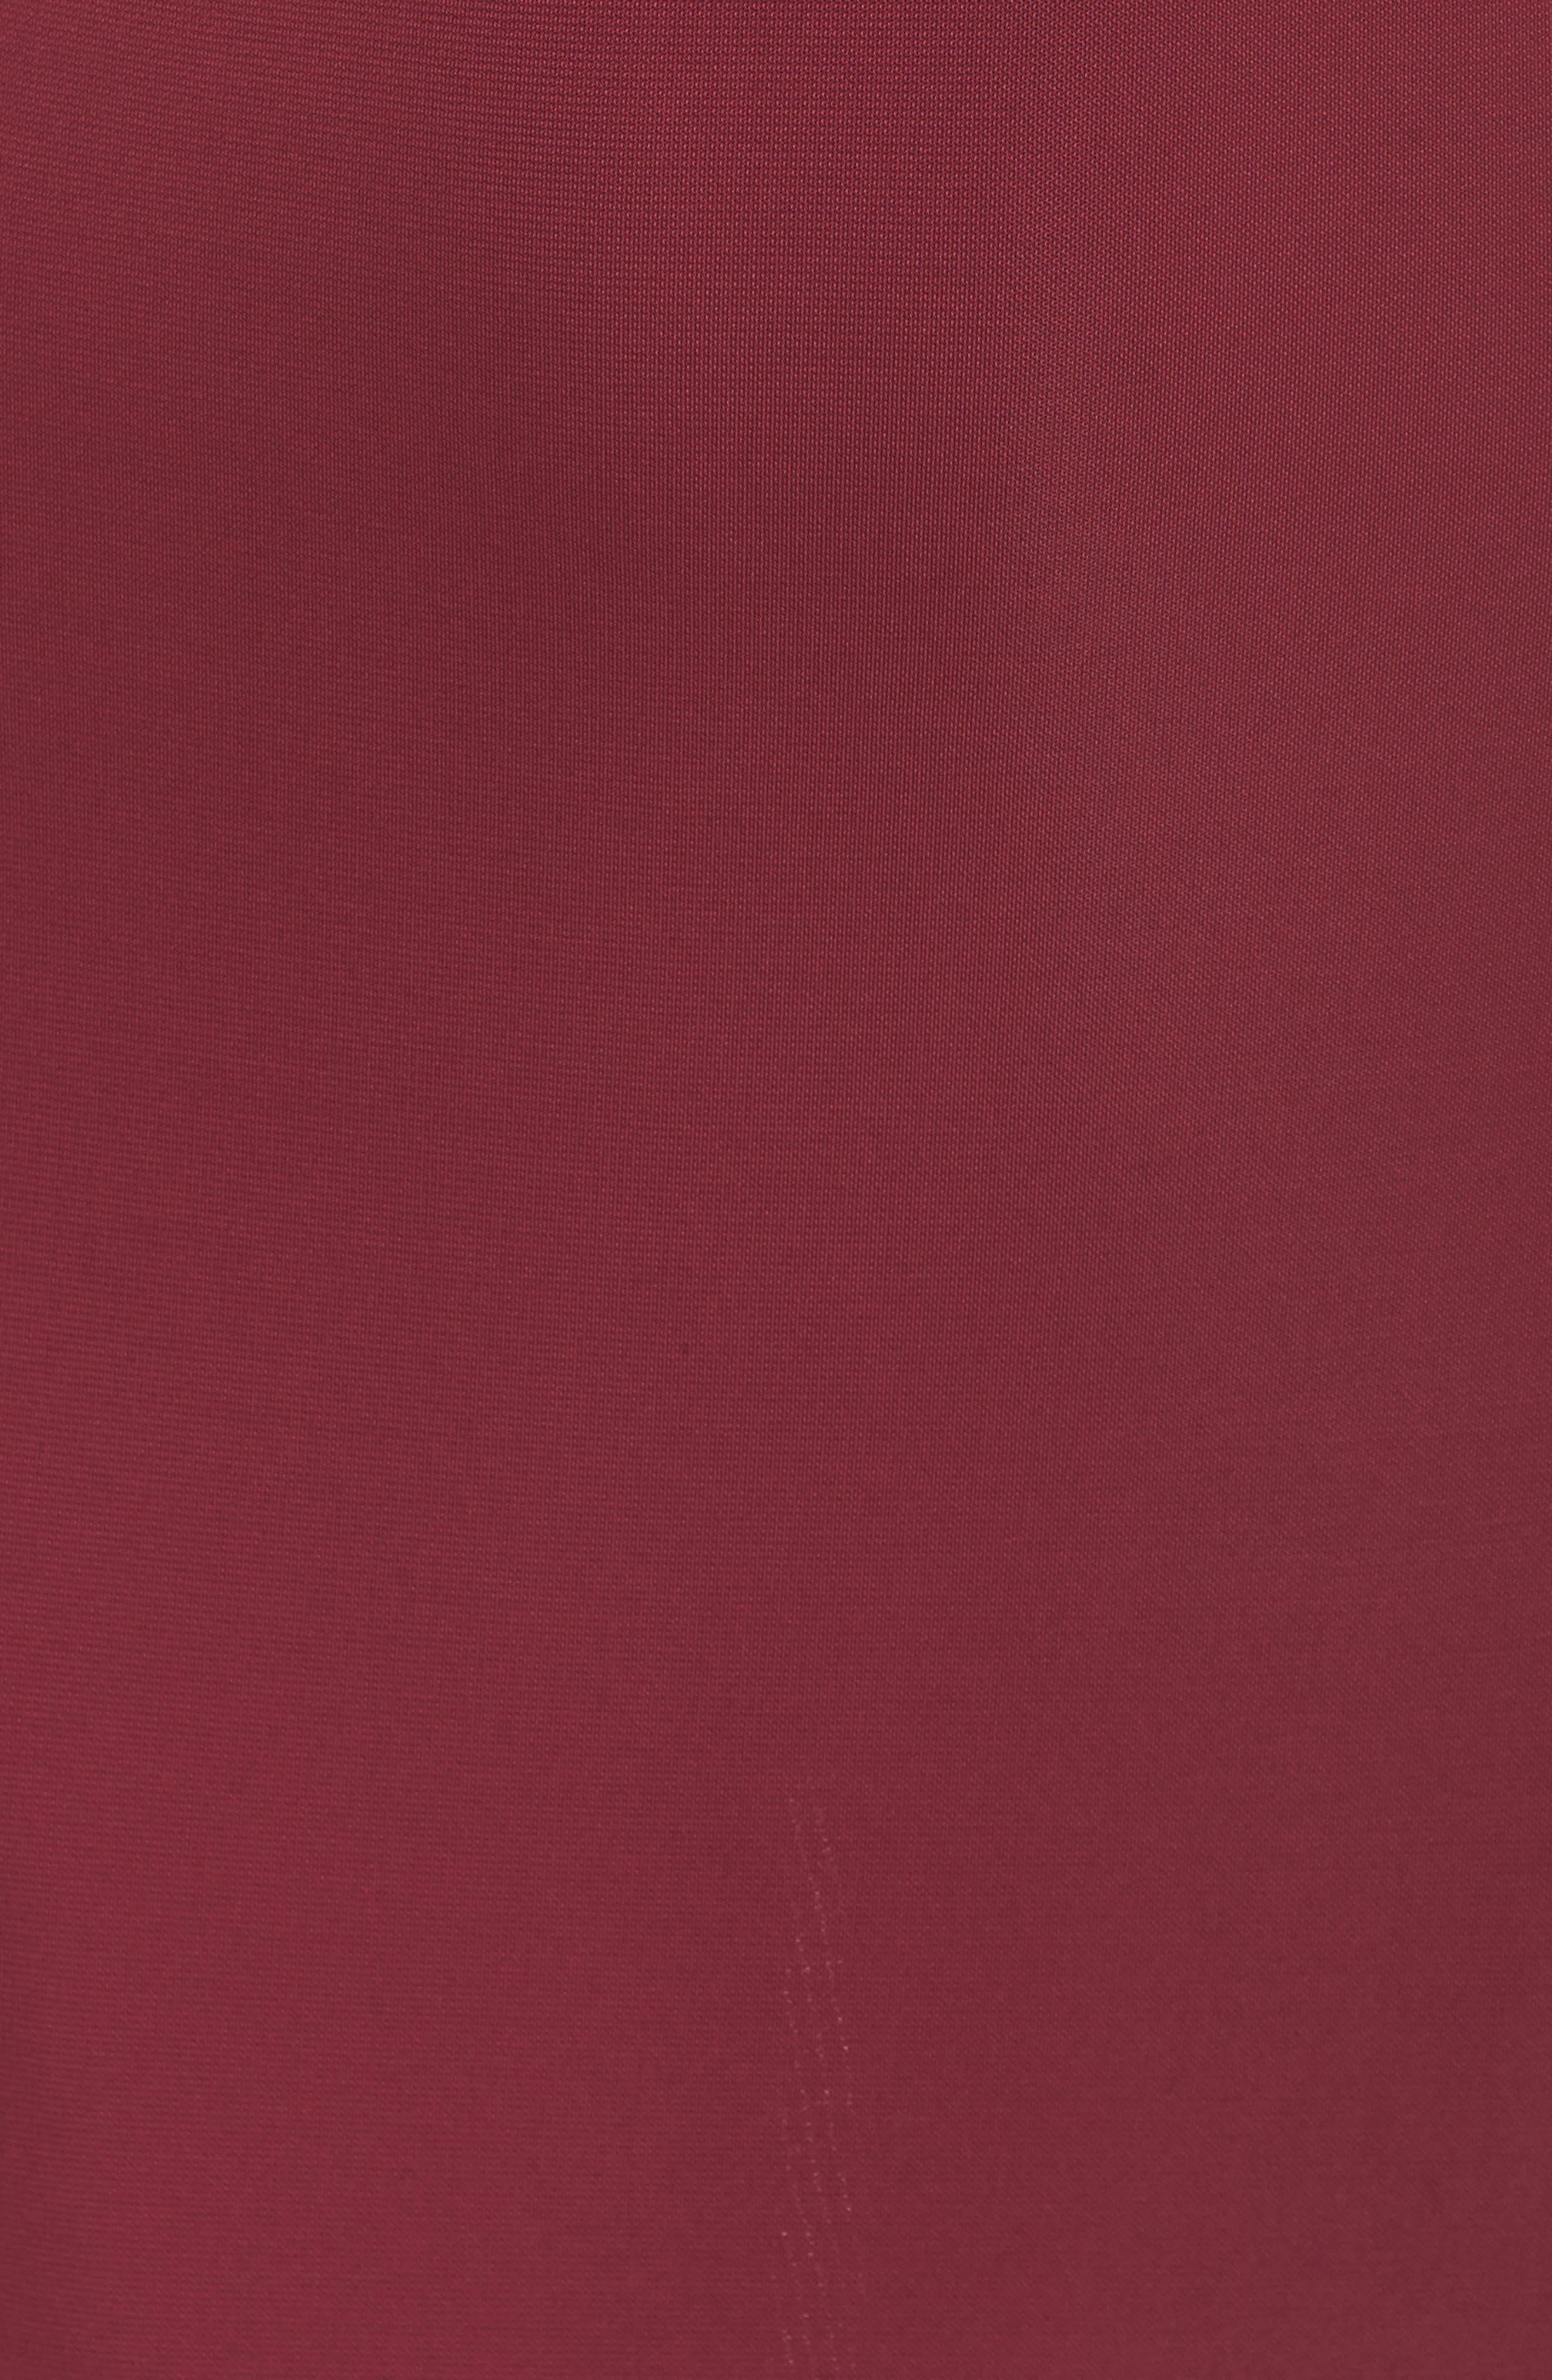 Elise Cowl Neck Sleeveless Dress,                             Alternate thumbnail 6, color,                             BURGUNDY